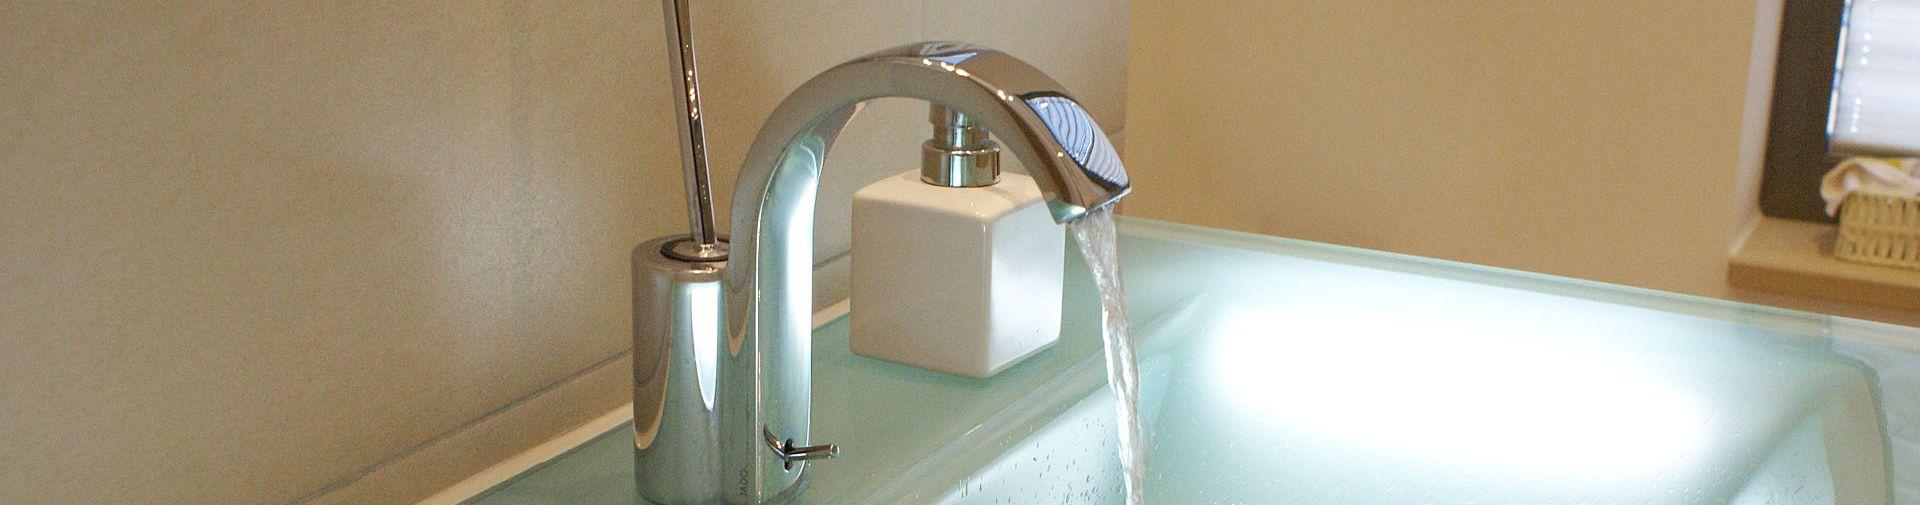 Ihr regionaler Sanitär-Profi für Bad, WC und Wasser im Raum Neumarkt, Nürnberg, Ingolstadt